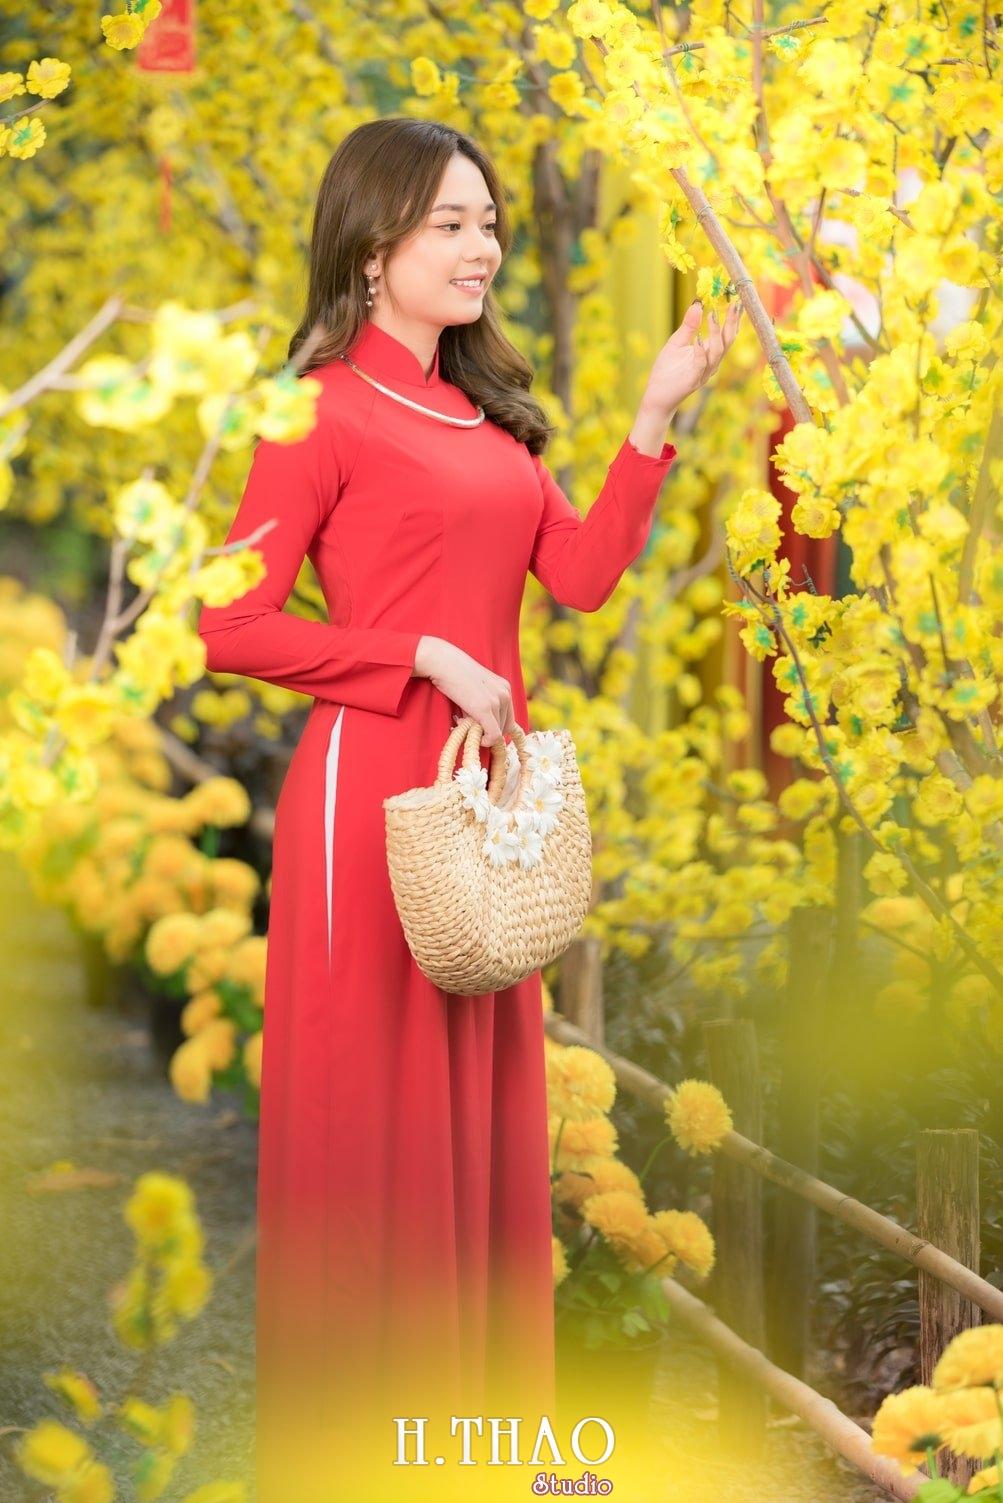 Ao dai tet do 5 - Top 40 ảnh áo dài chụp với Hoa đào, hoa mai tết tuyệt đẹp- HThao Studio